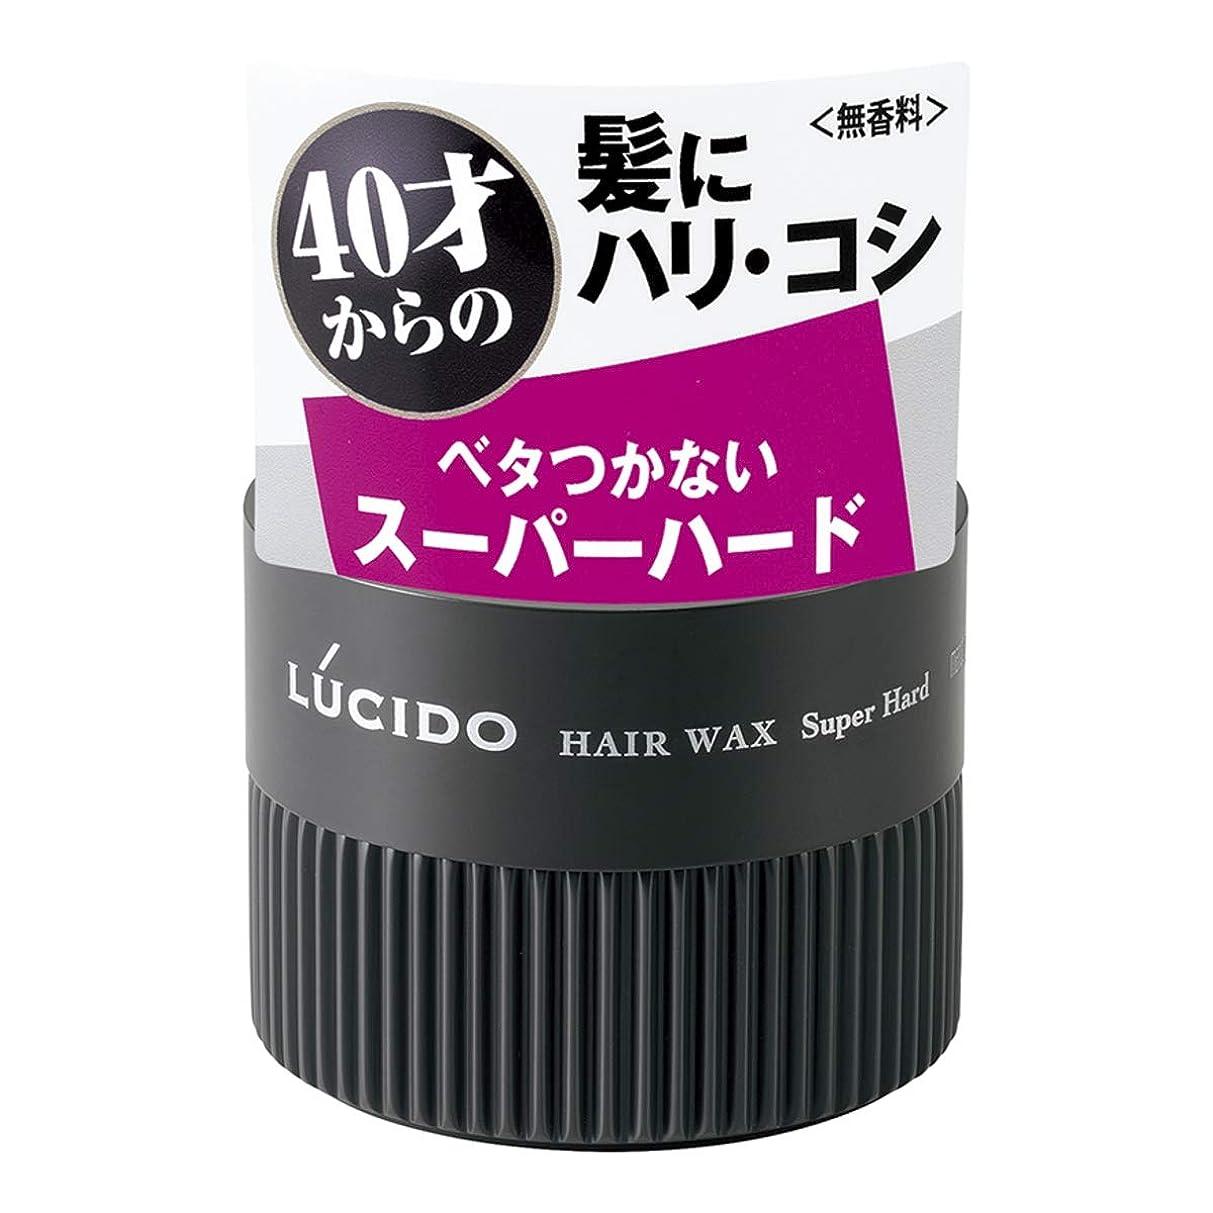 バラ色お気に入りかろうじてLUCIDO(ルシード) ヘアワックス スーパーハード 80g